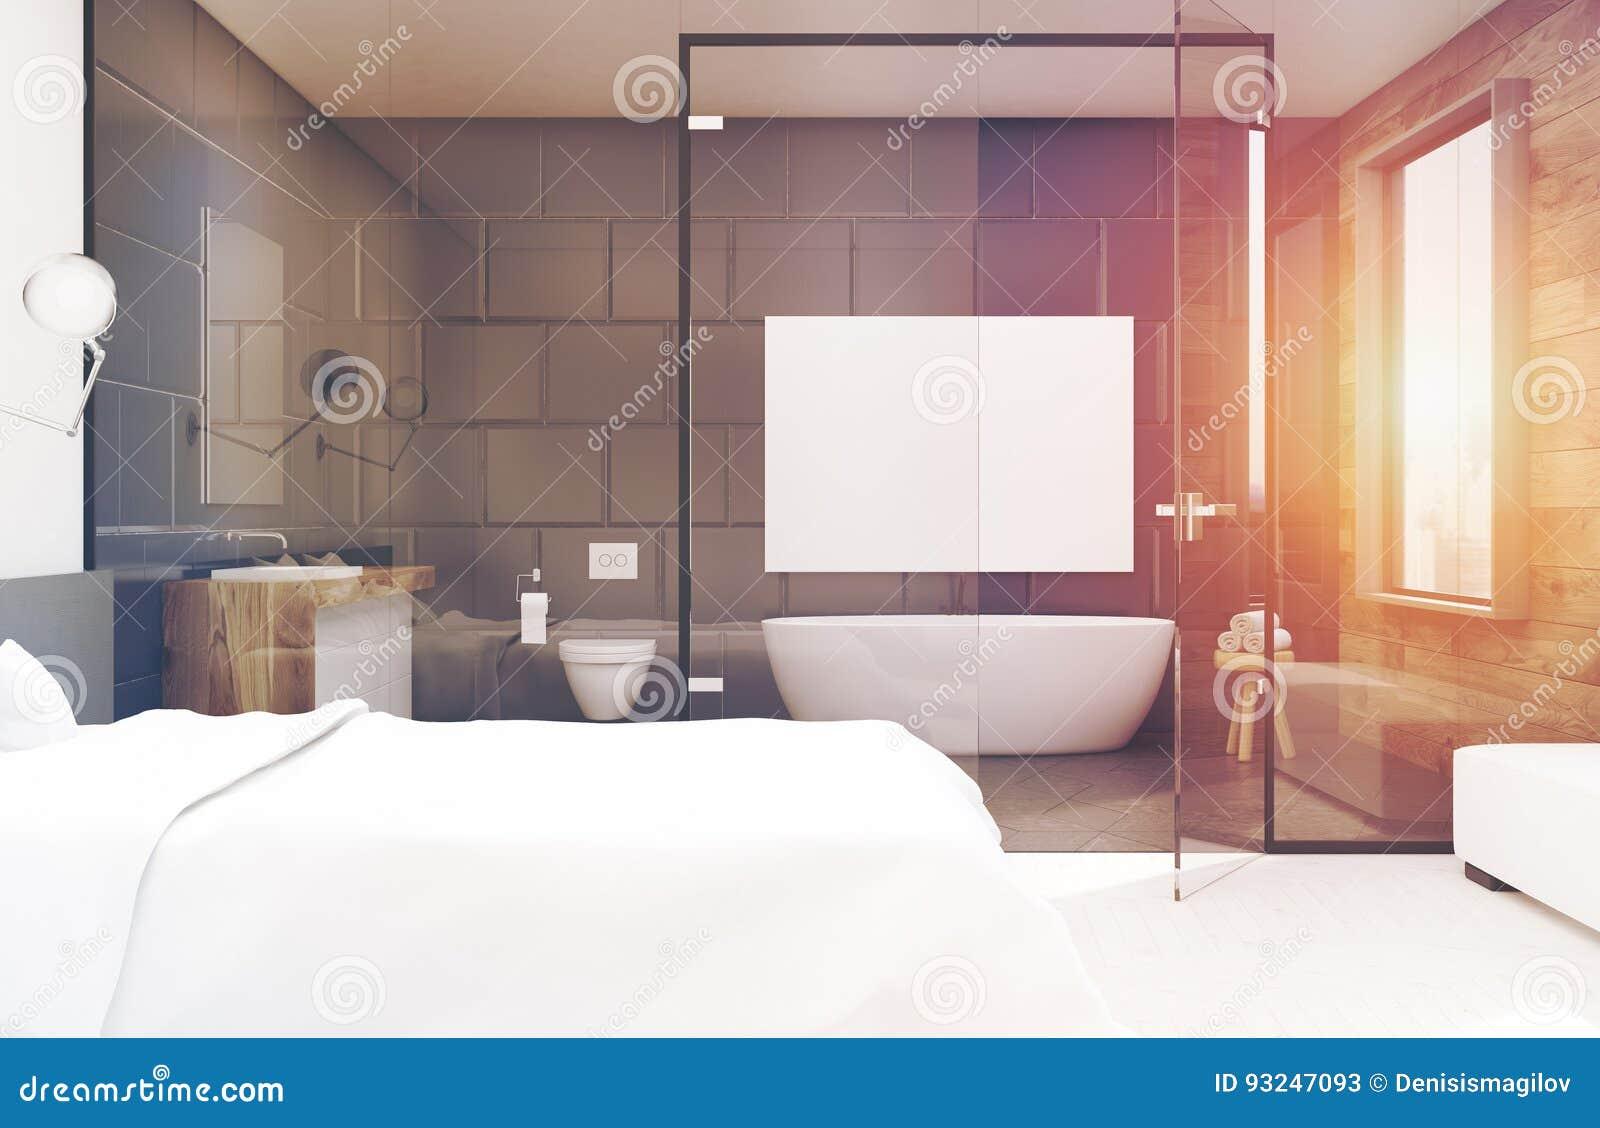 Bagno In Camera Con Vetro : Camera da letto con il bagno grigio parte anteriore tonificata